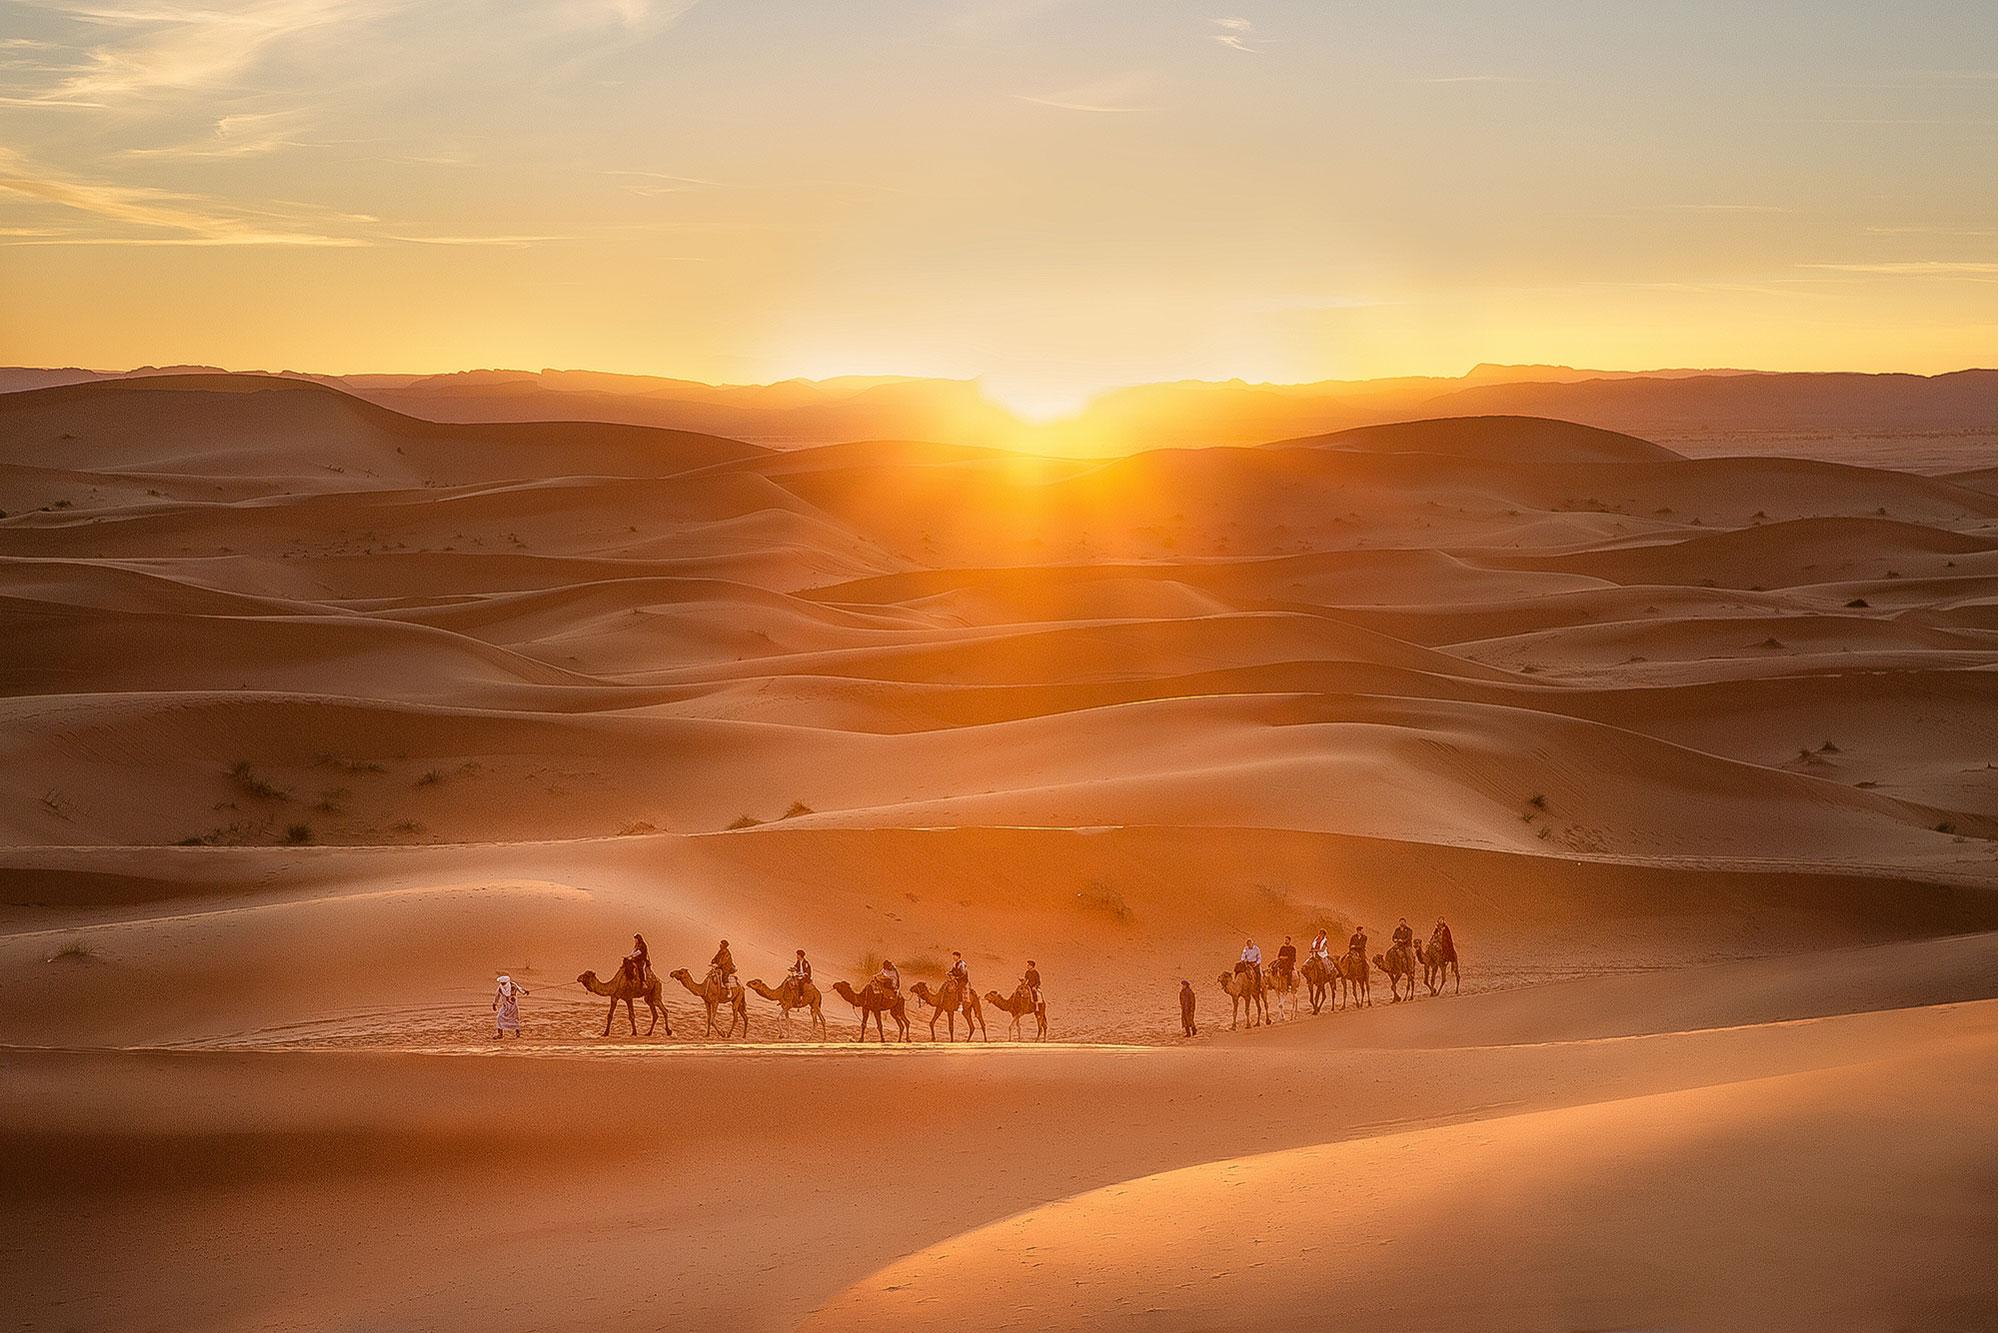 Morocco Luxury Desert Camp hotelfotografie Adrian Kilchherr Schweizer Fotograf